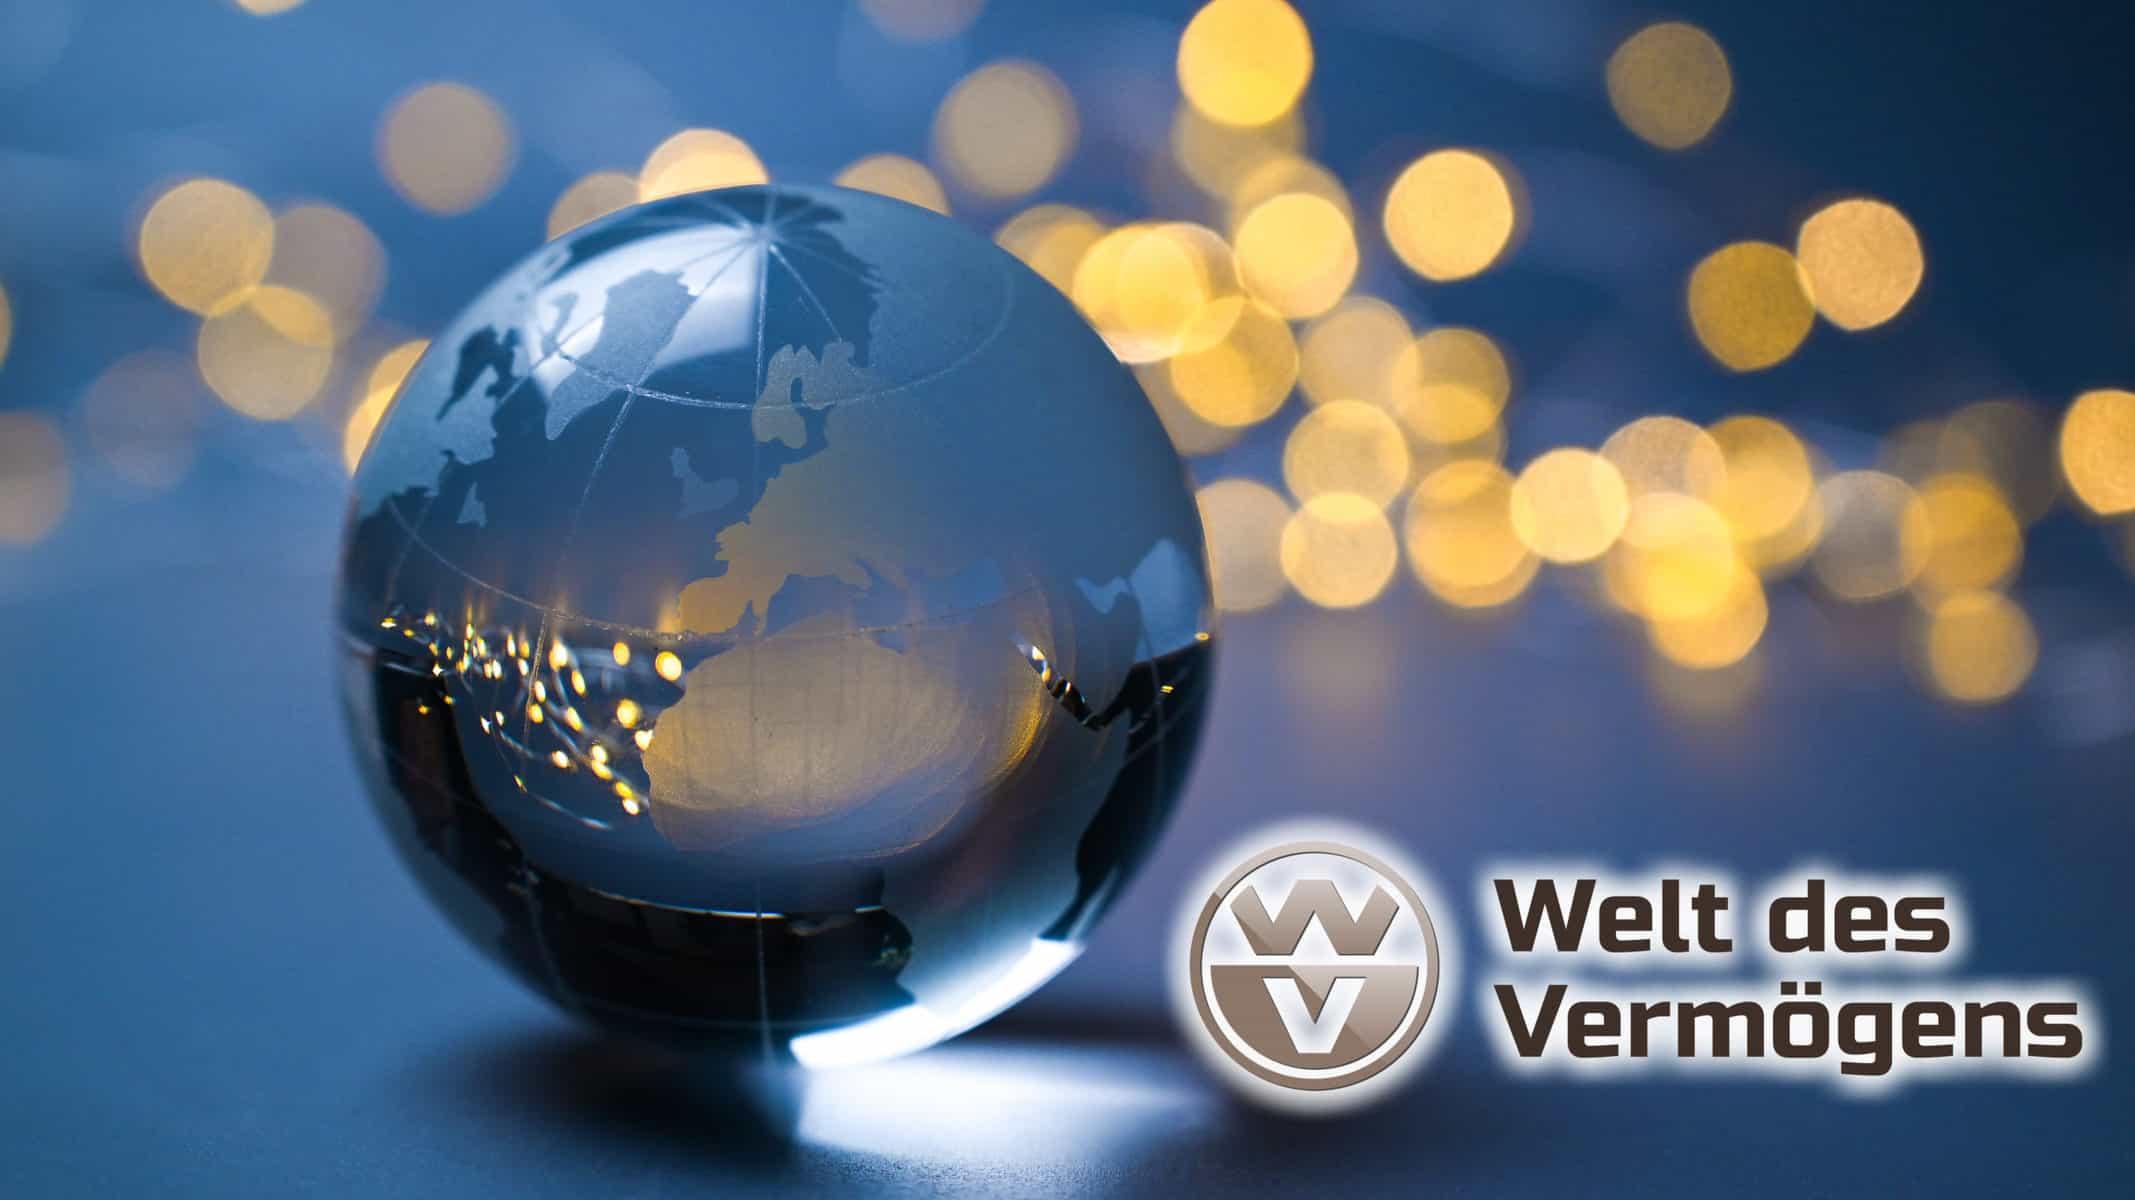 Welt des Vermögens - Sieben Konten Modell